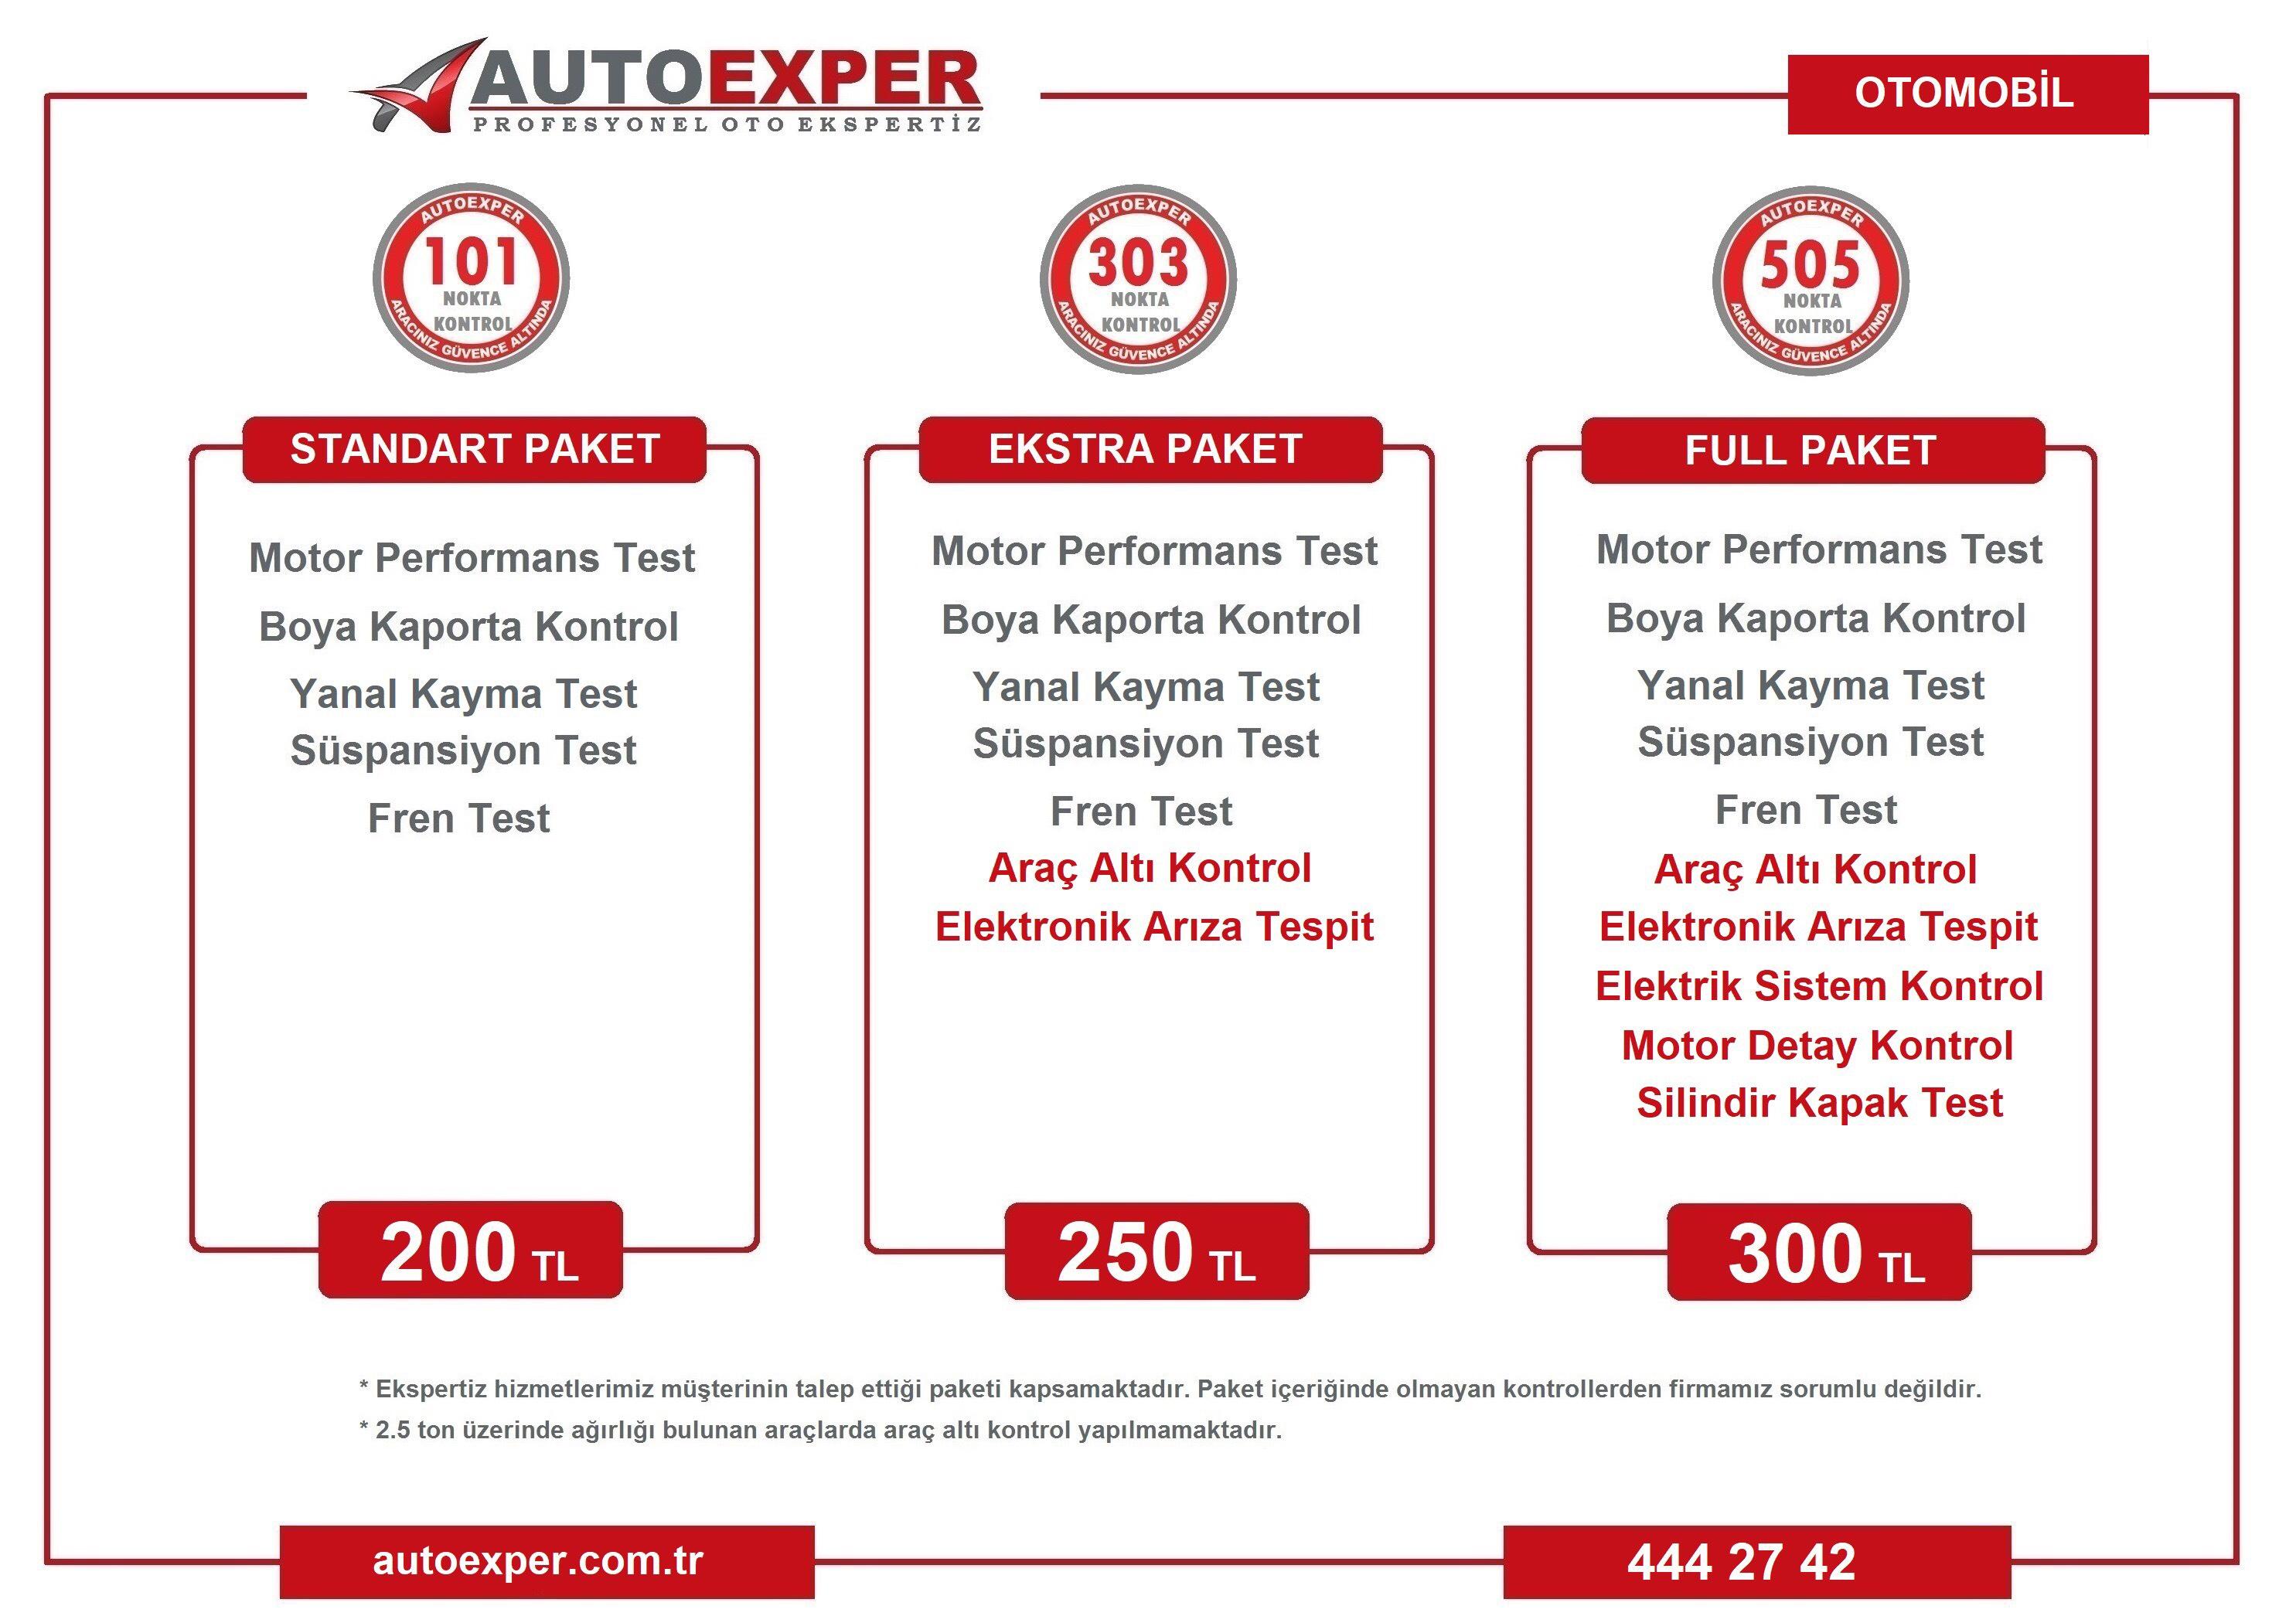 Otomobil Ekspertiz Fiyatları